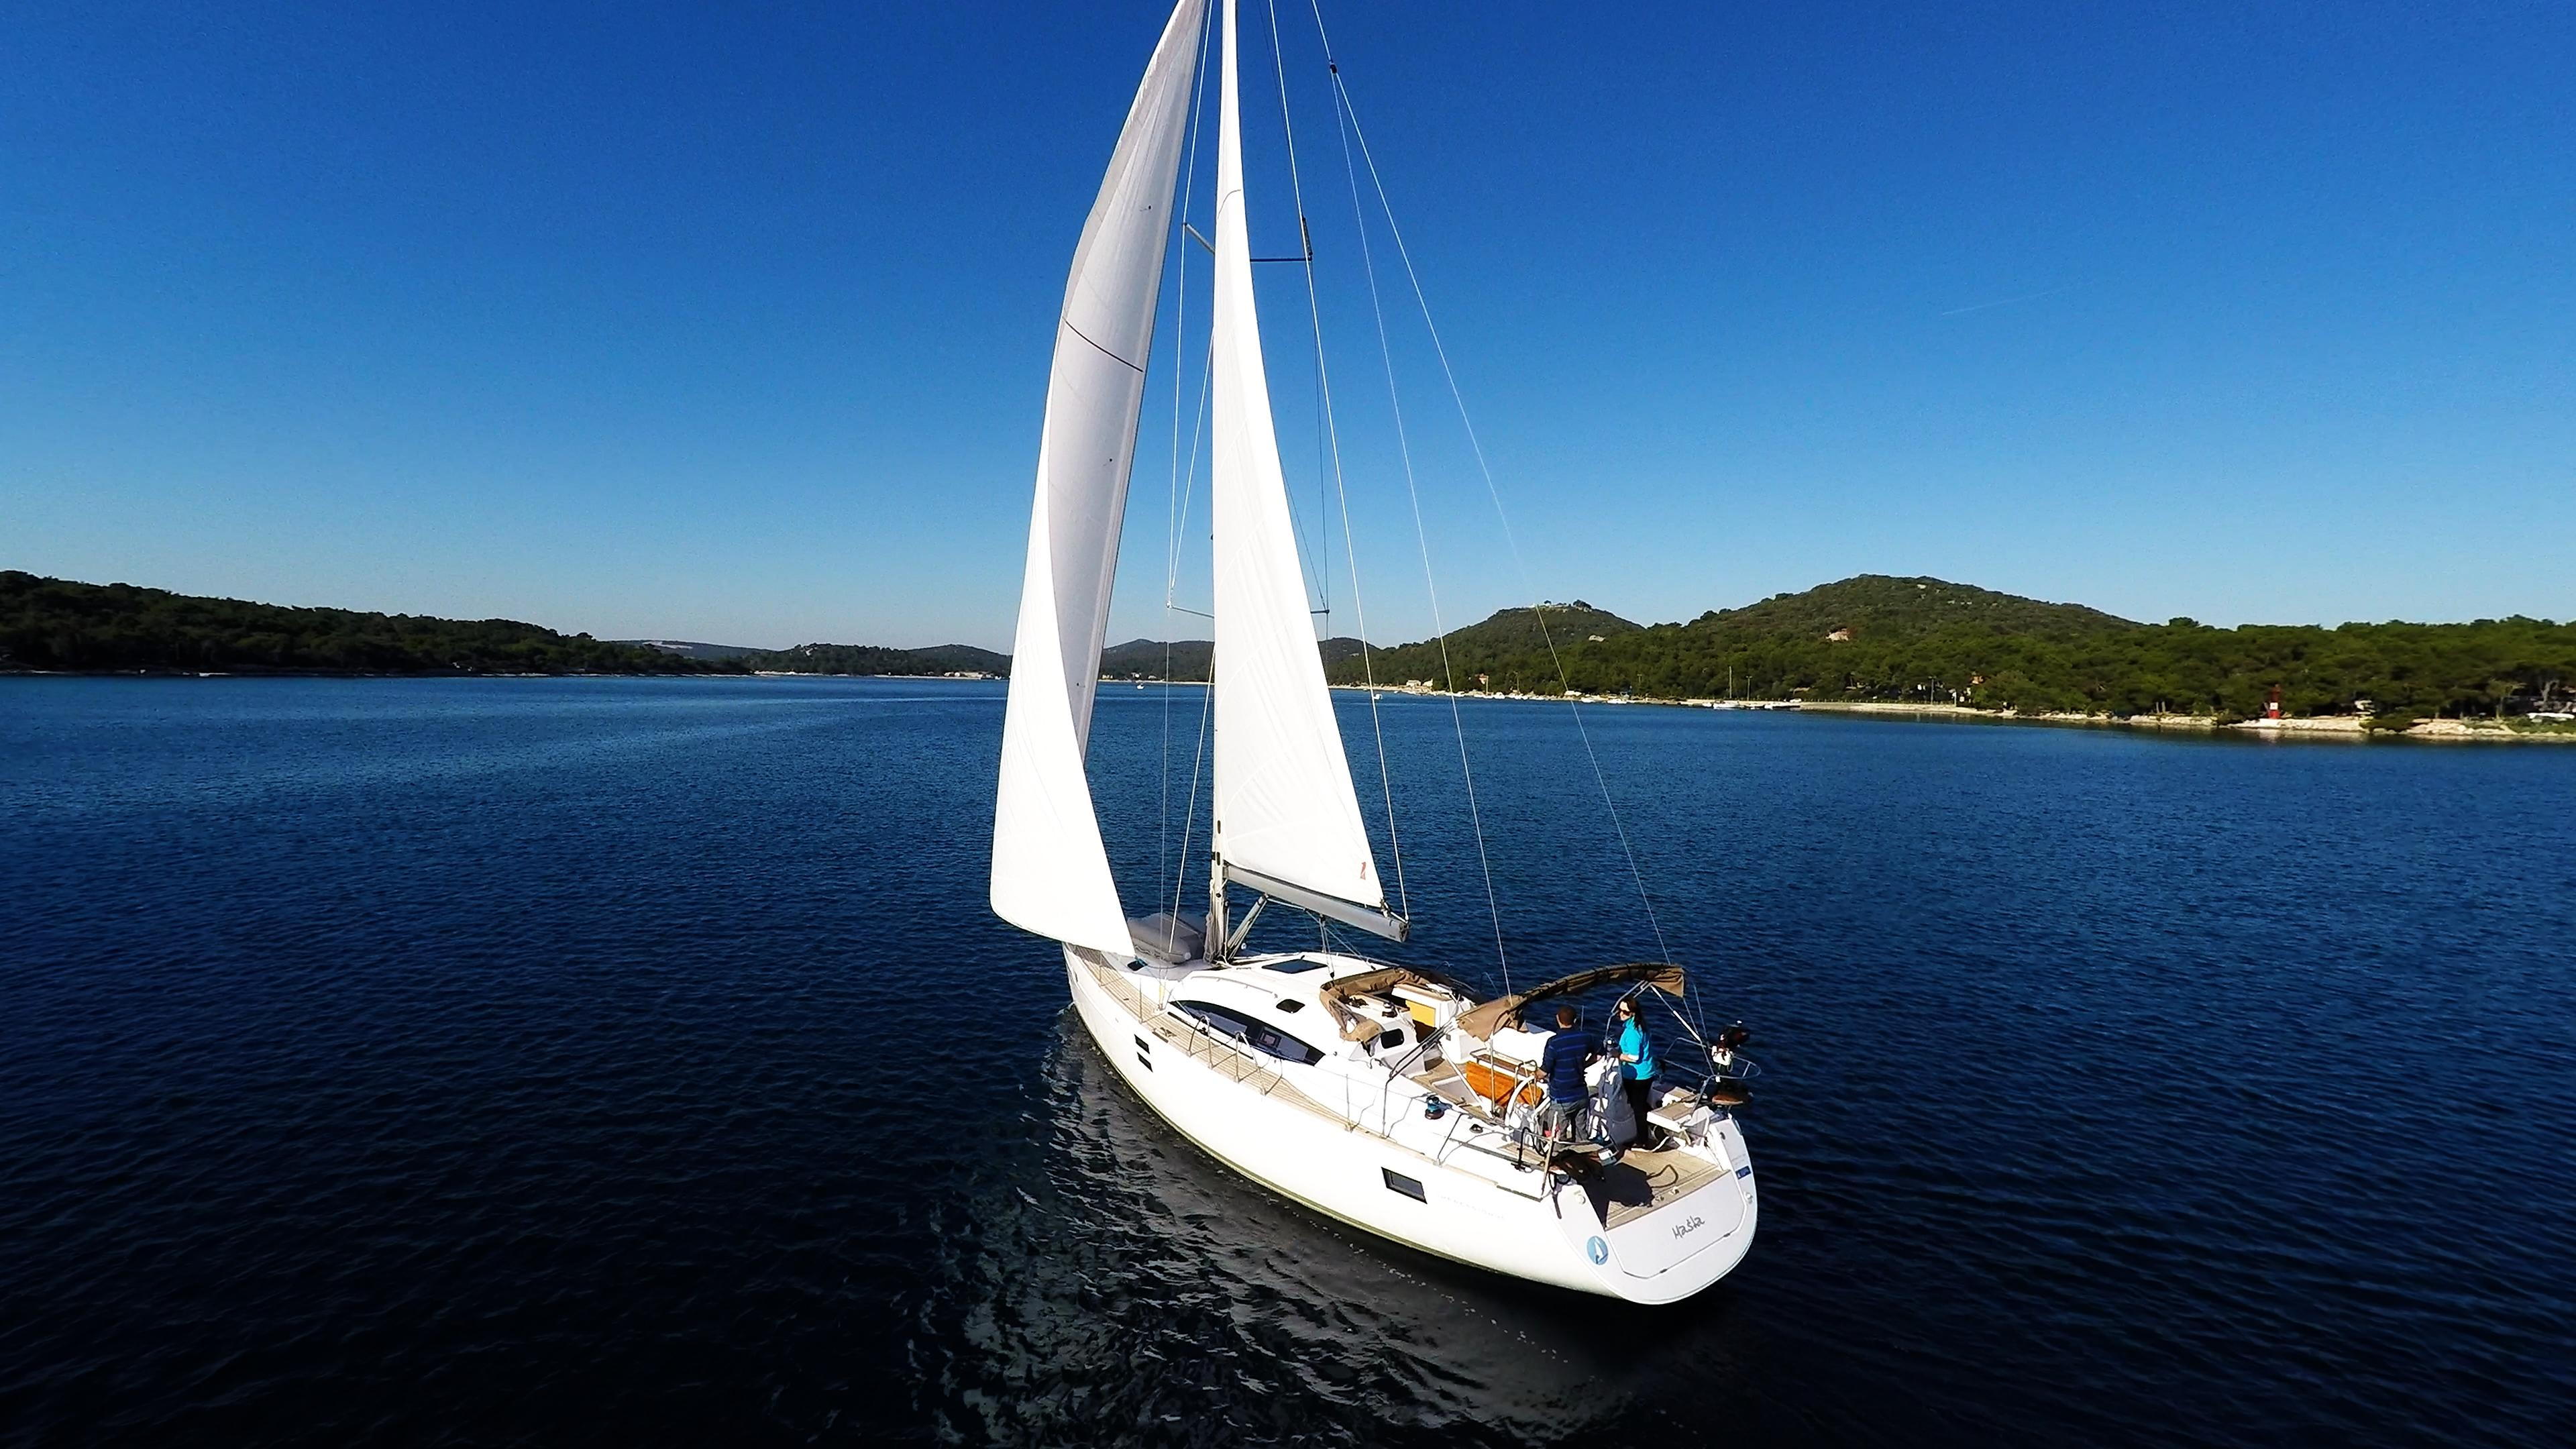 bateau à voile ciel bleu baie de mer voilier elan 45 impression voiles